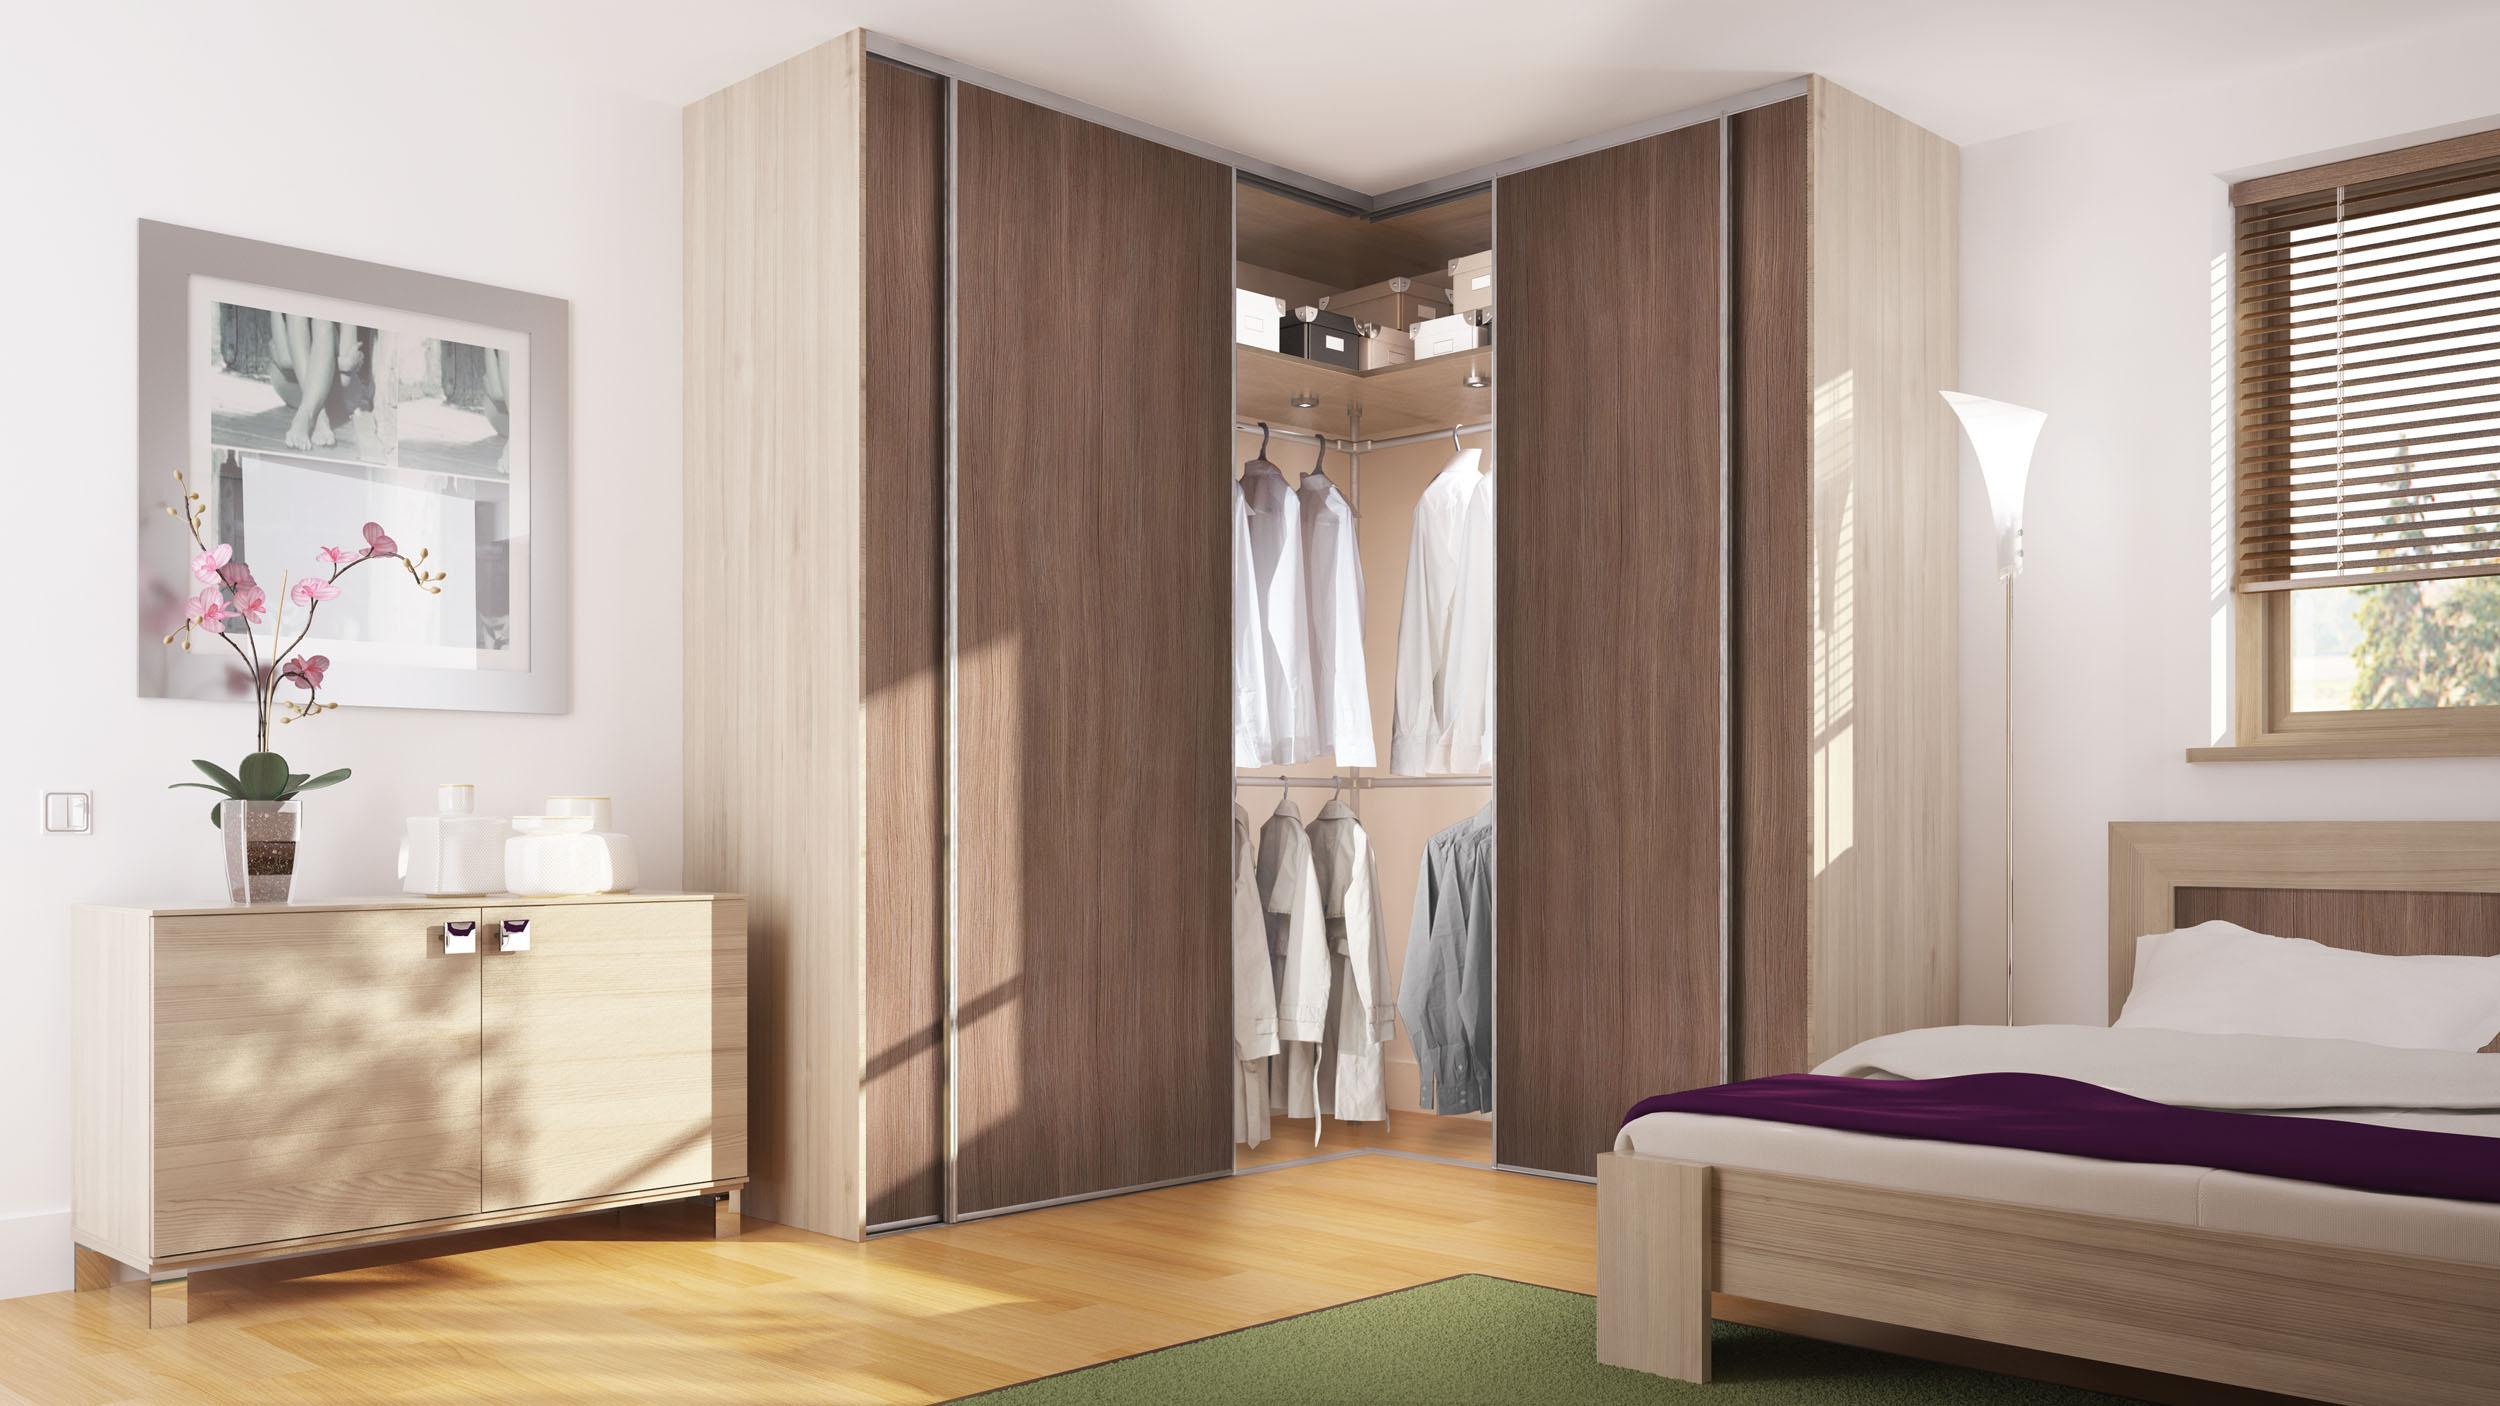 Дизайн встроенных угловых шкафов